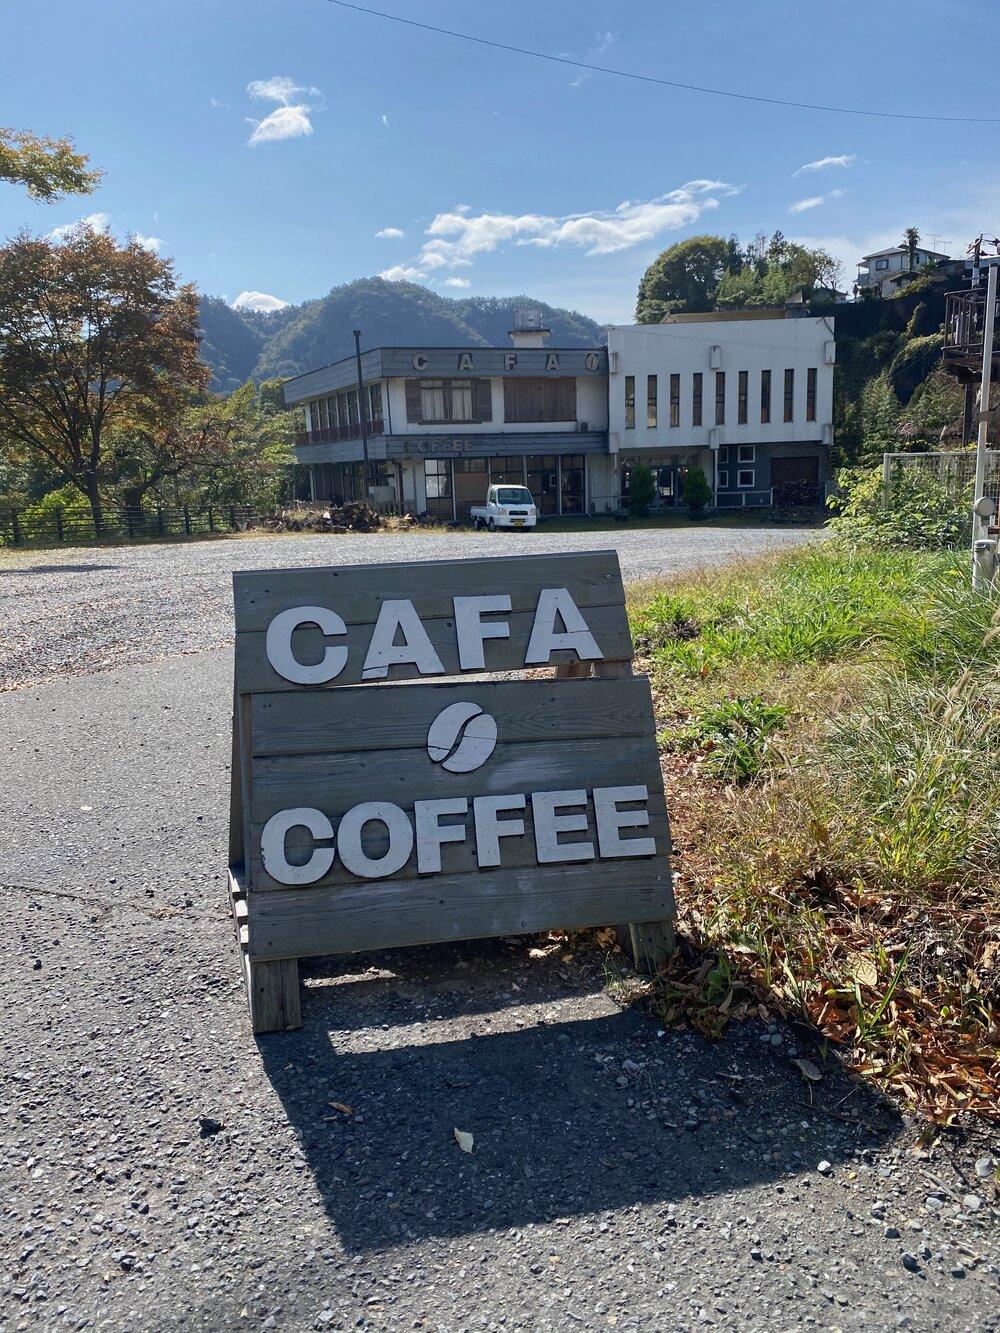 Cafa Coffee